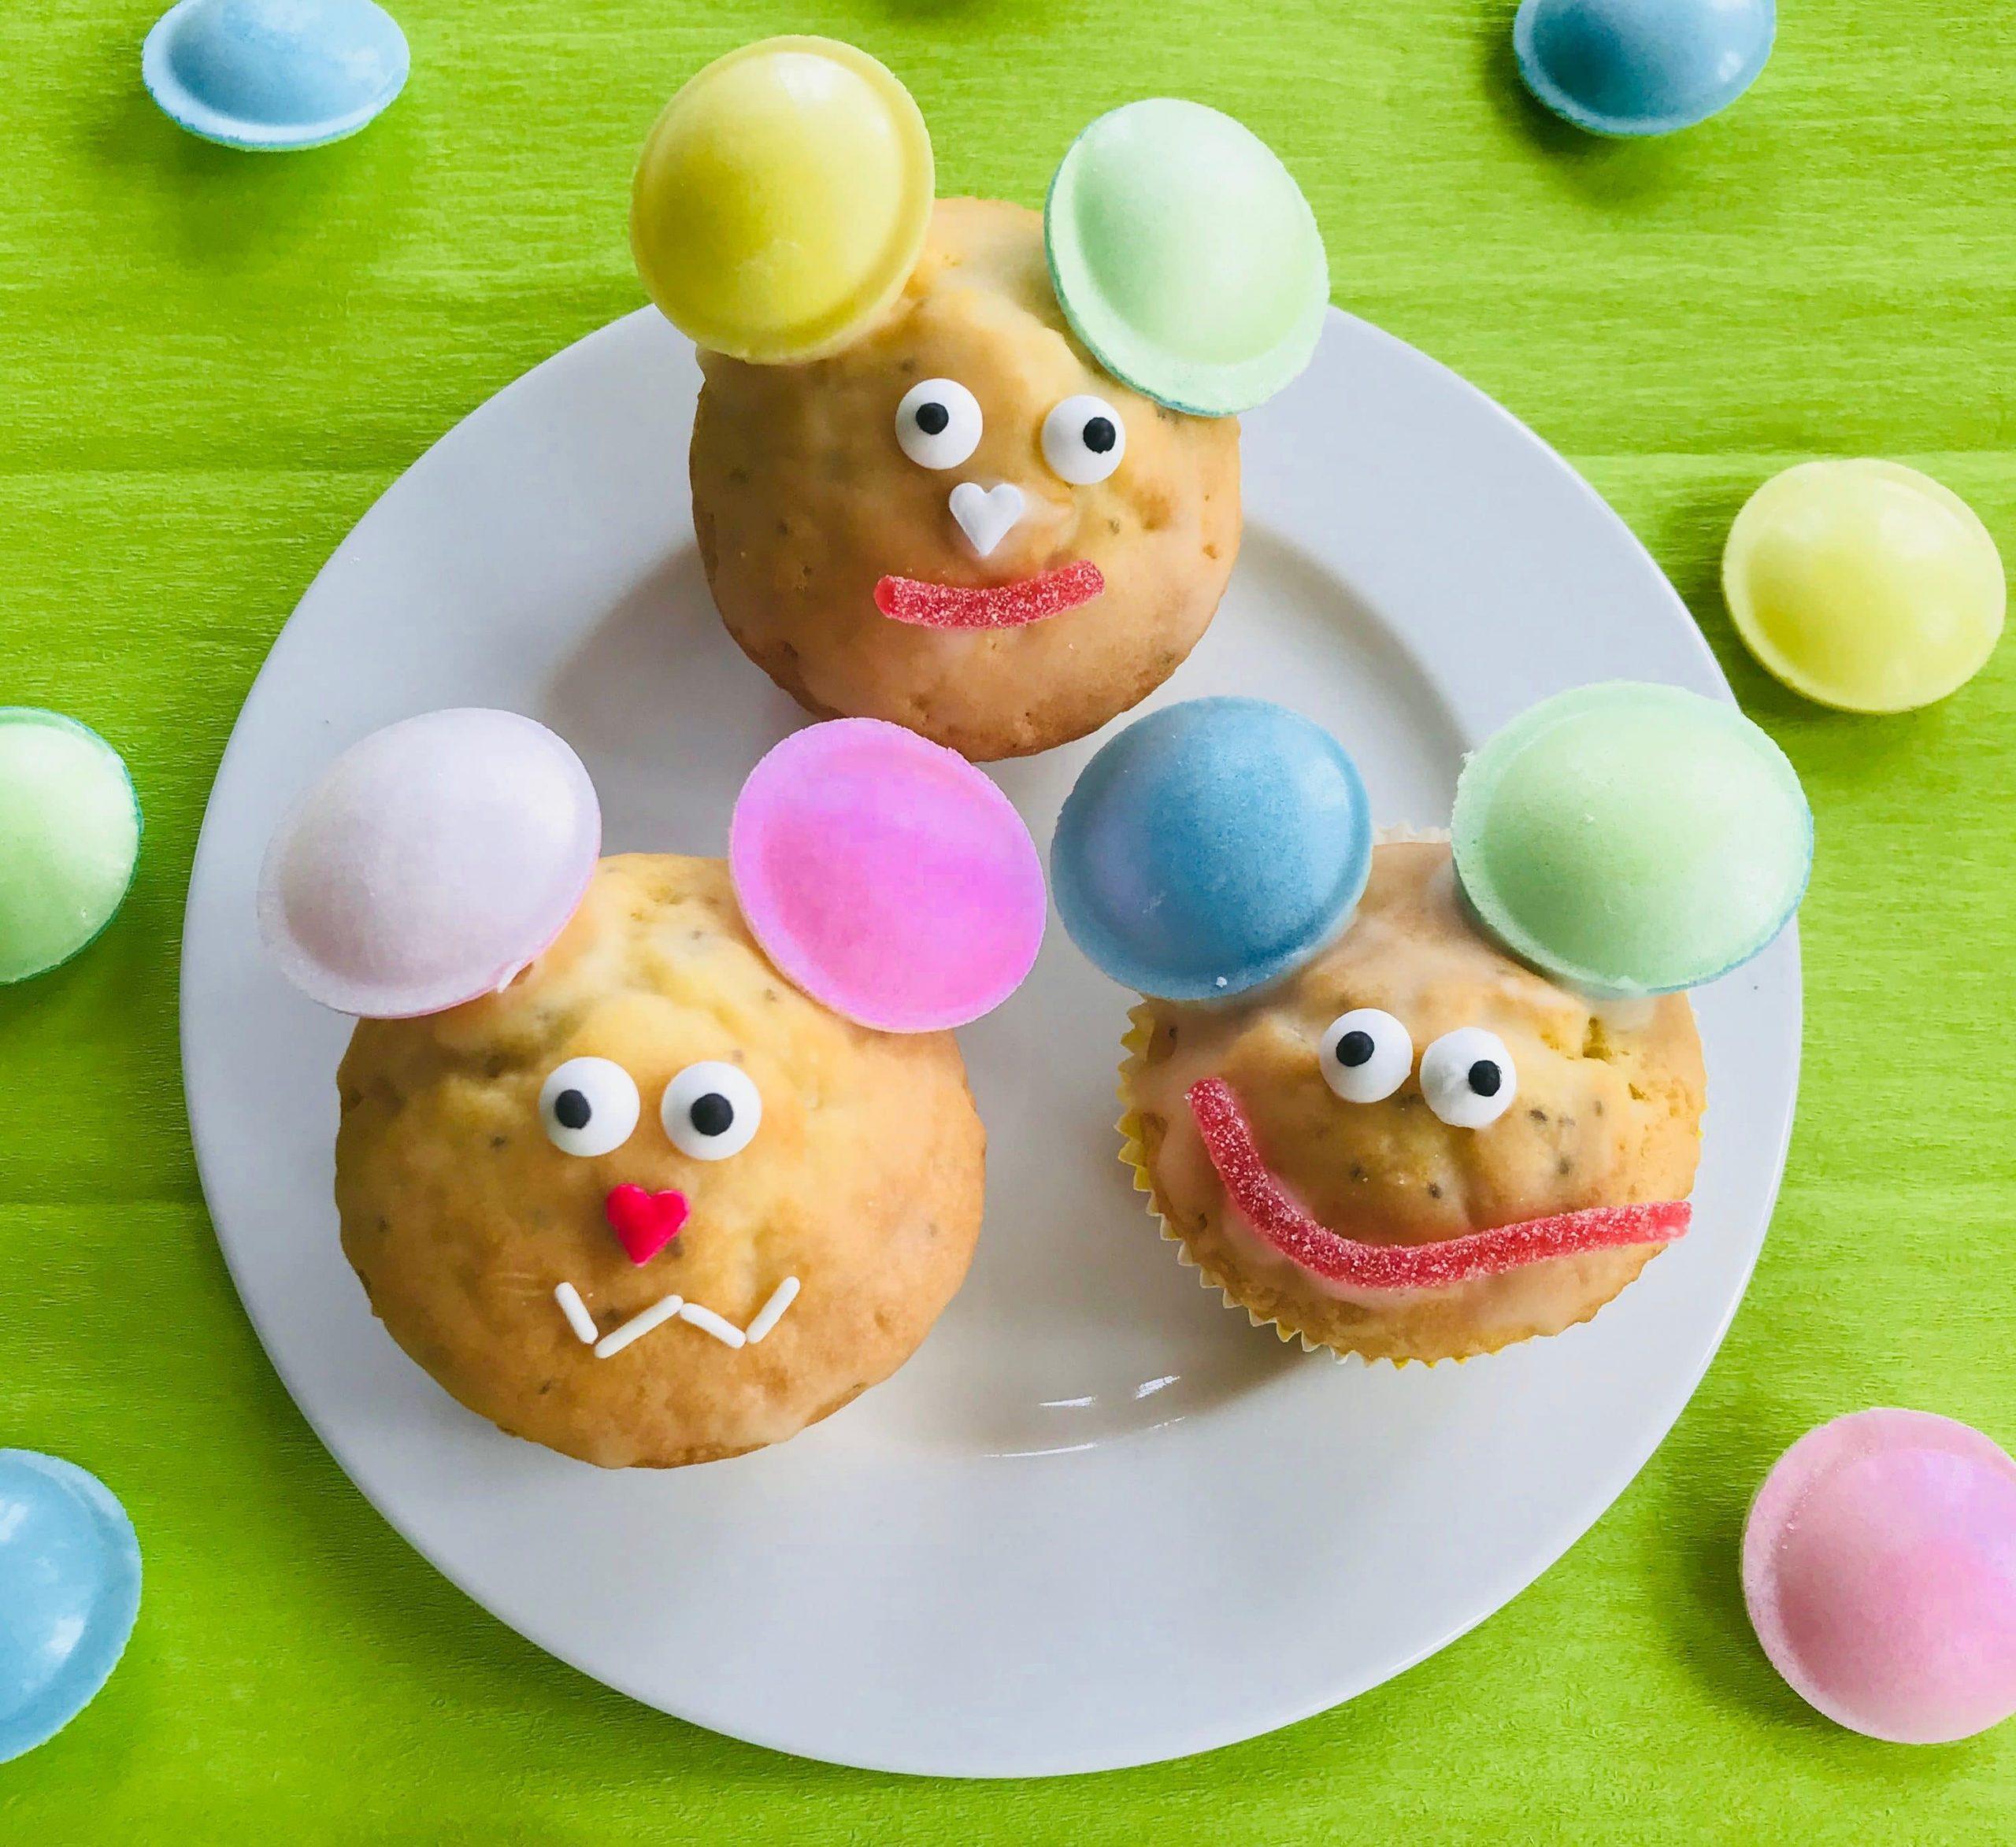 Kindergeburtstag: Saftige Zitronenmuffins Mit Lustigen Motiven - mit Lustige Muffins Für Kindergeburtstag